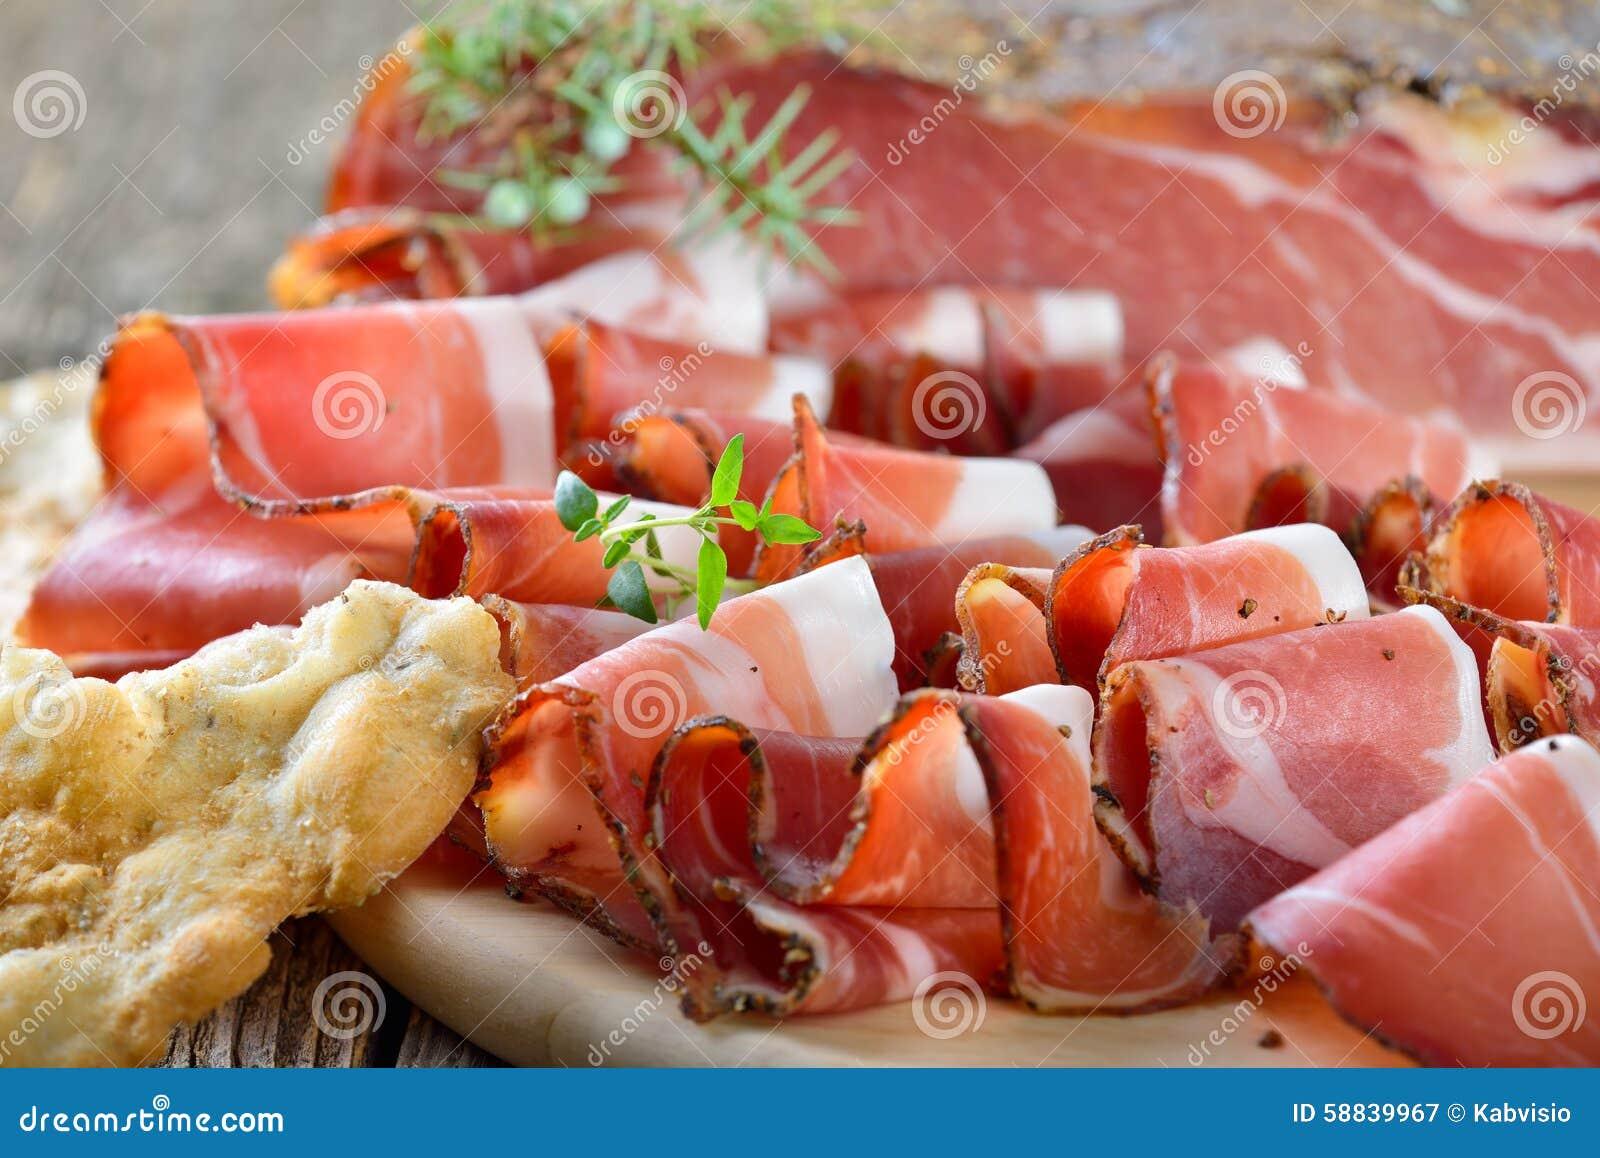 Bacon italiano